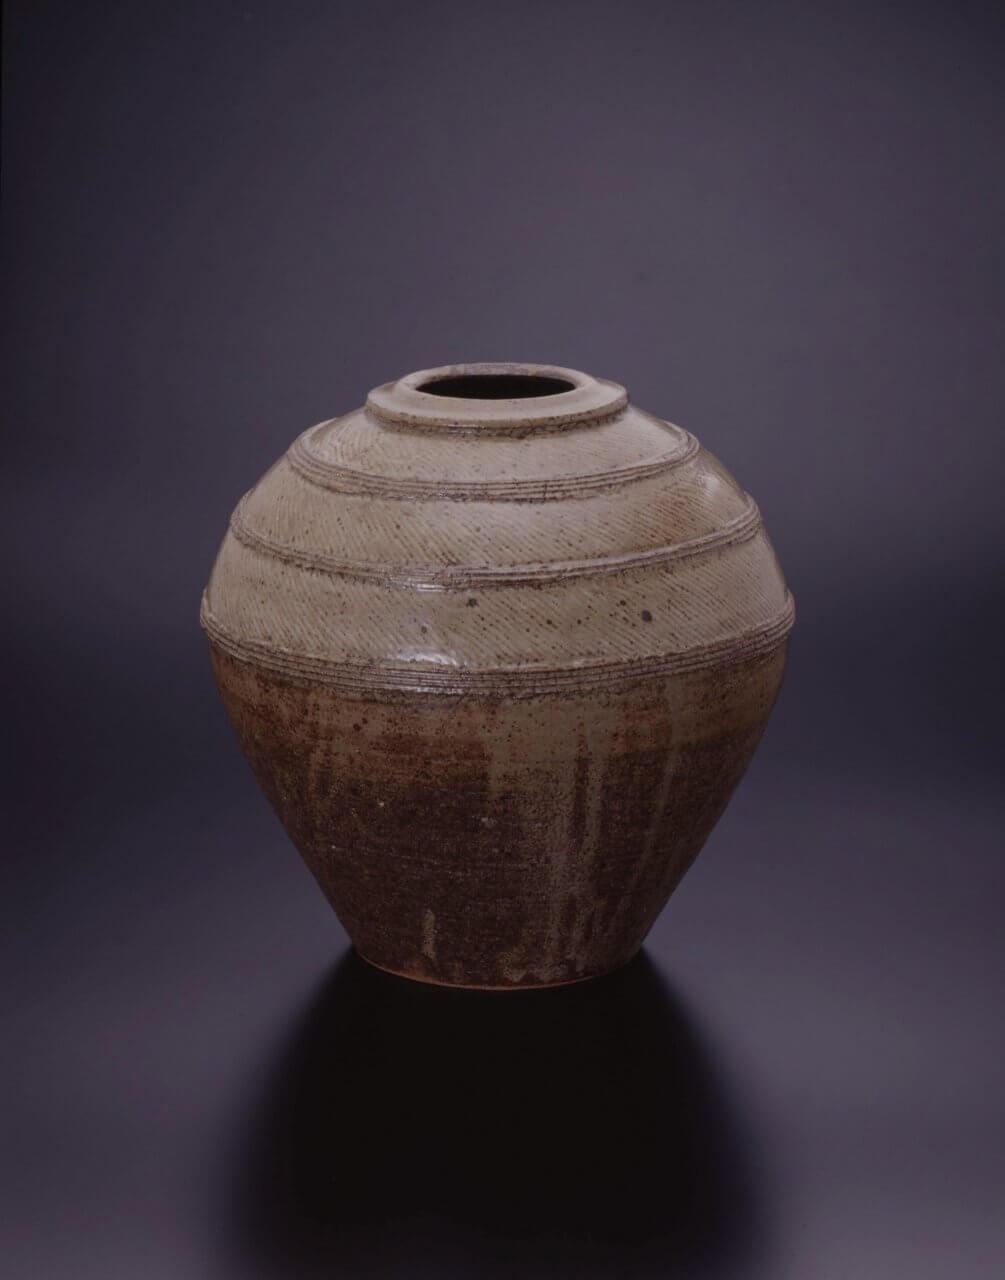 島岡達三《地釉象嵌縄文壷》